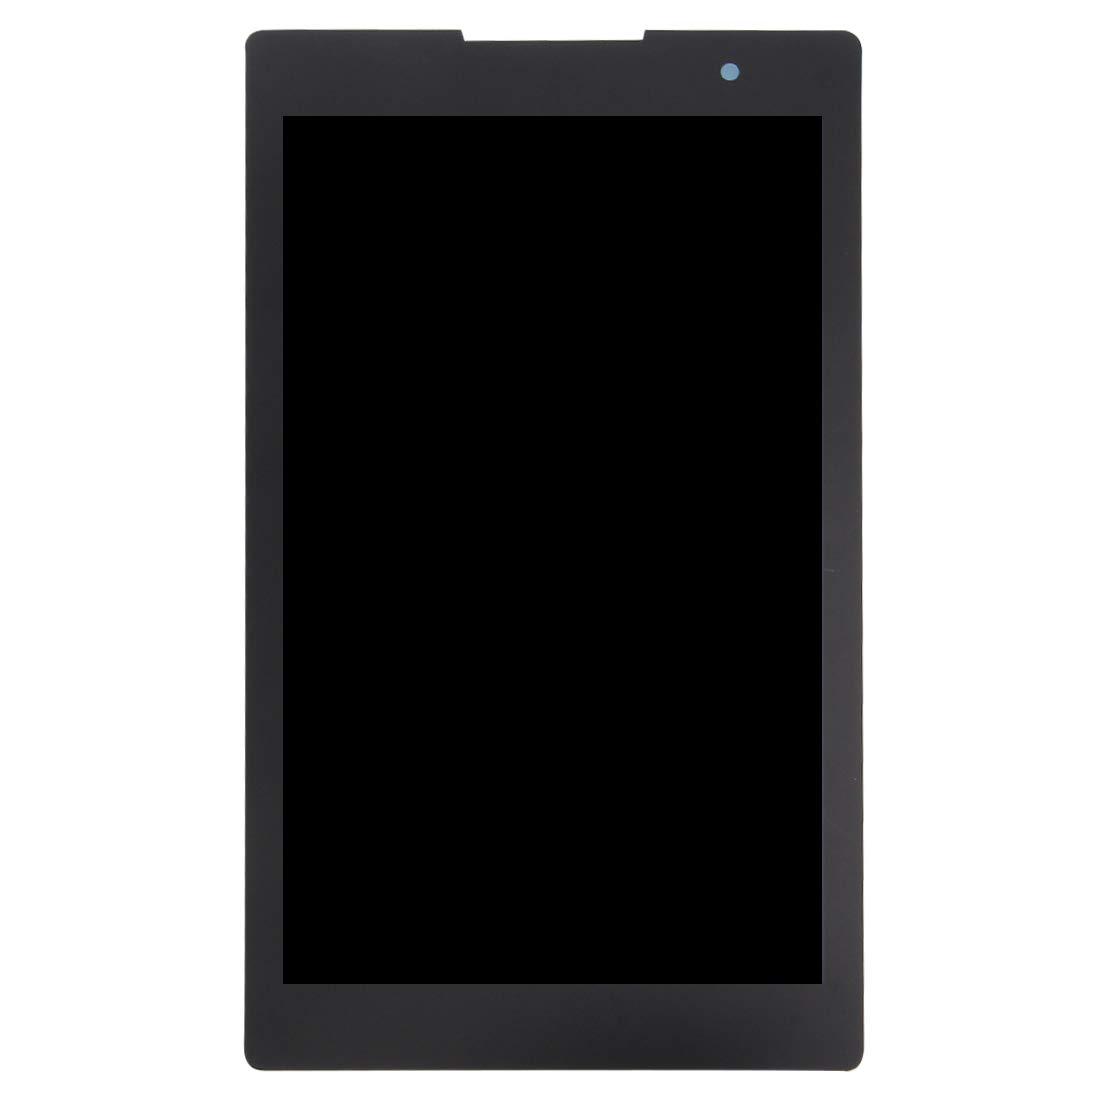 最新の激安 部品交換用パーツ Asus ZenPad C Black 7.0 Asus/ Z170/ Z170MG B07R6MLKFT/ Z170CG(黒)のLCDスクリーンとデジタイザーのフルアセンブリ (色 : Black) Black B07R6MLKFT, ビバ サングラス:762cedb7 --- a0267596.xsph.ru